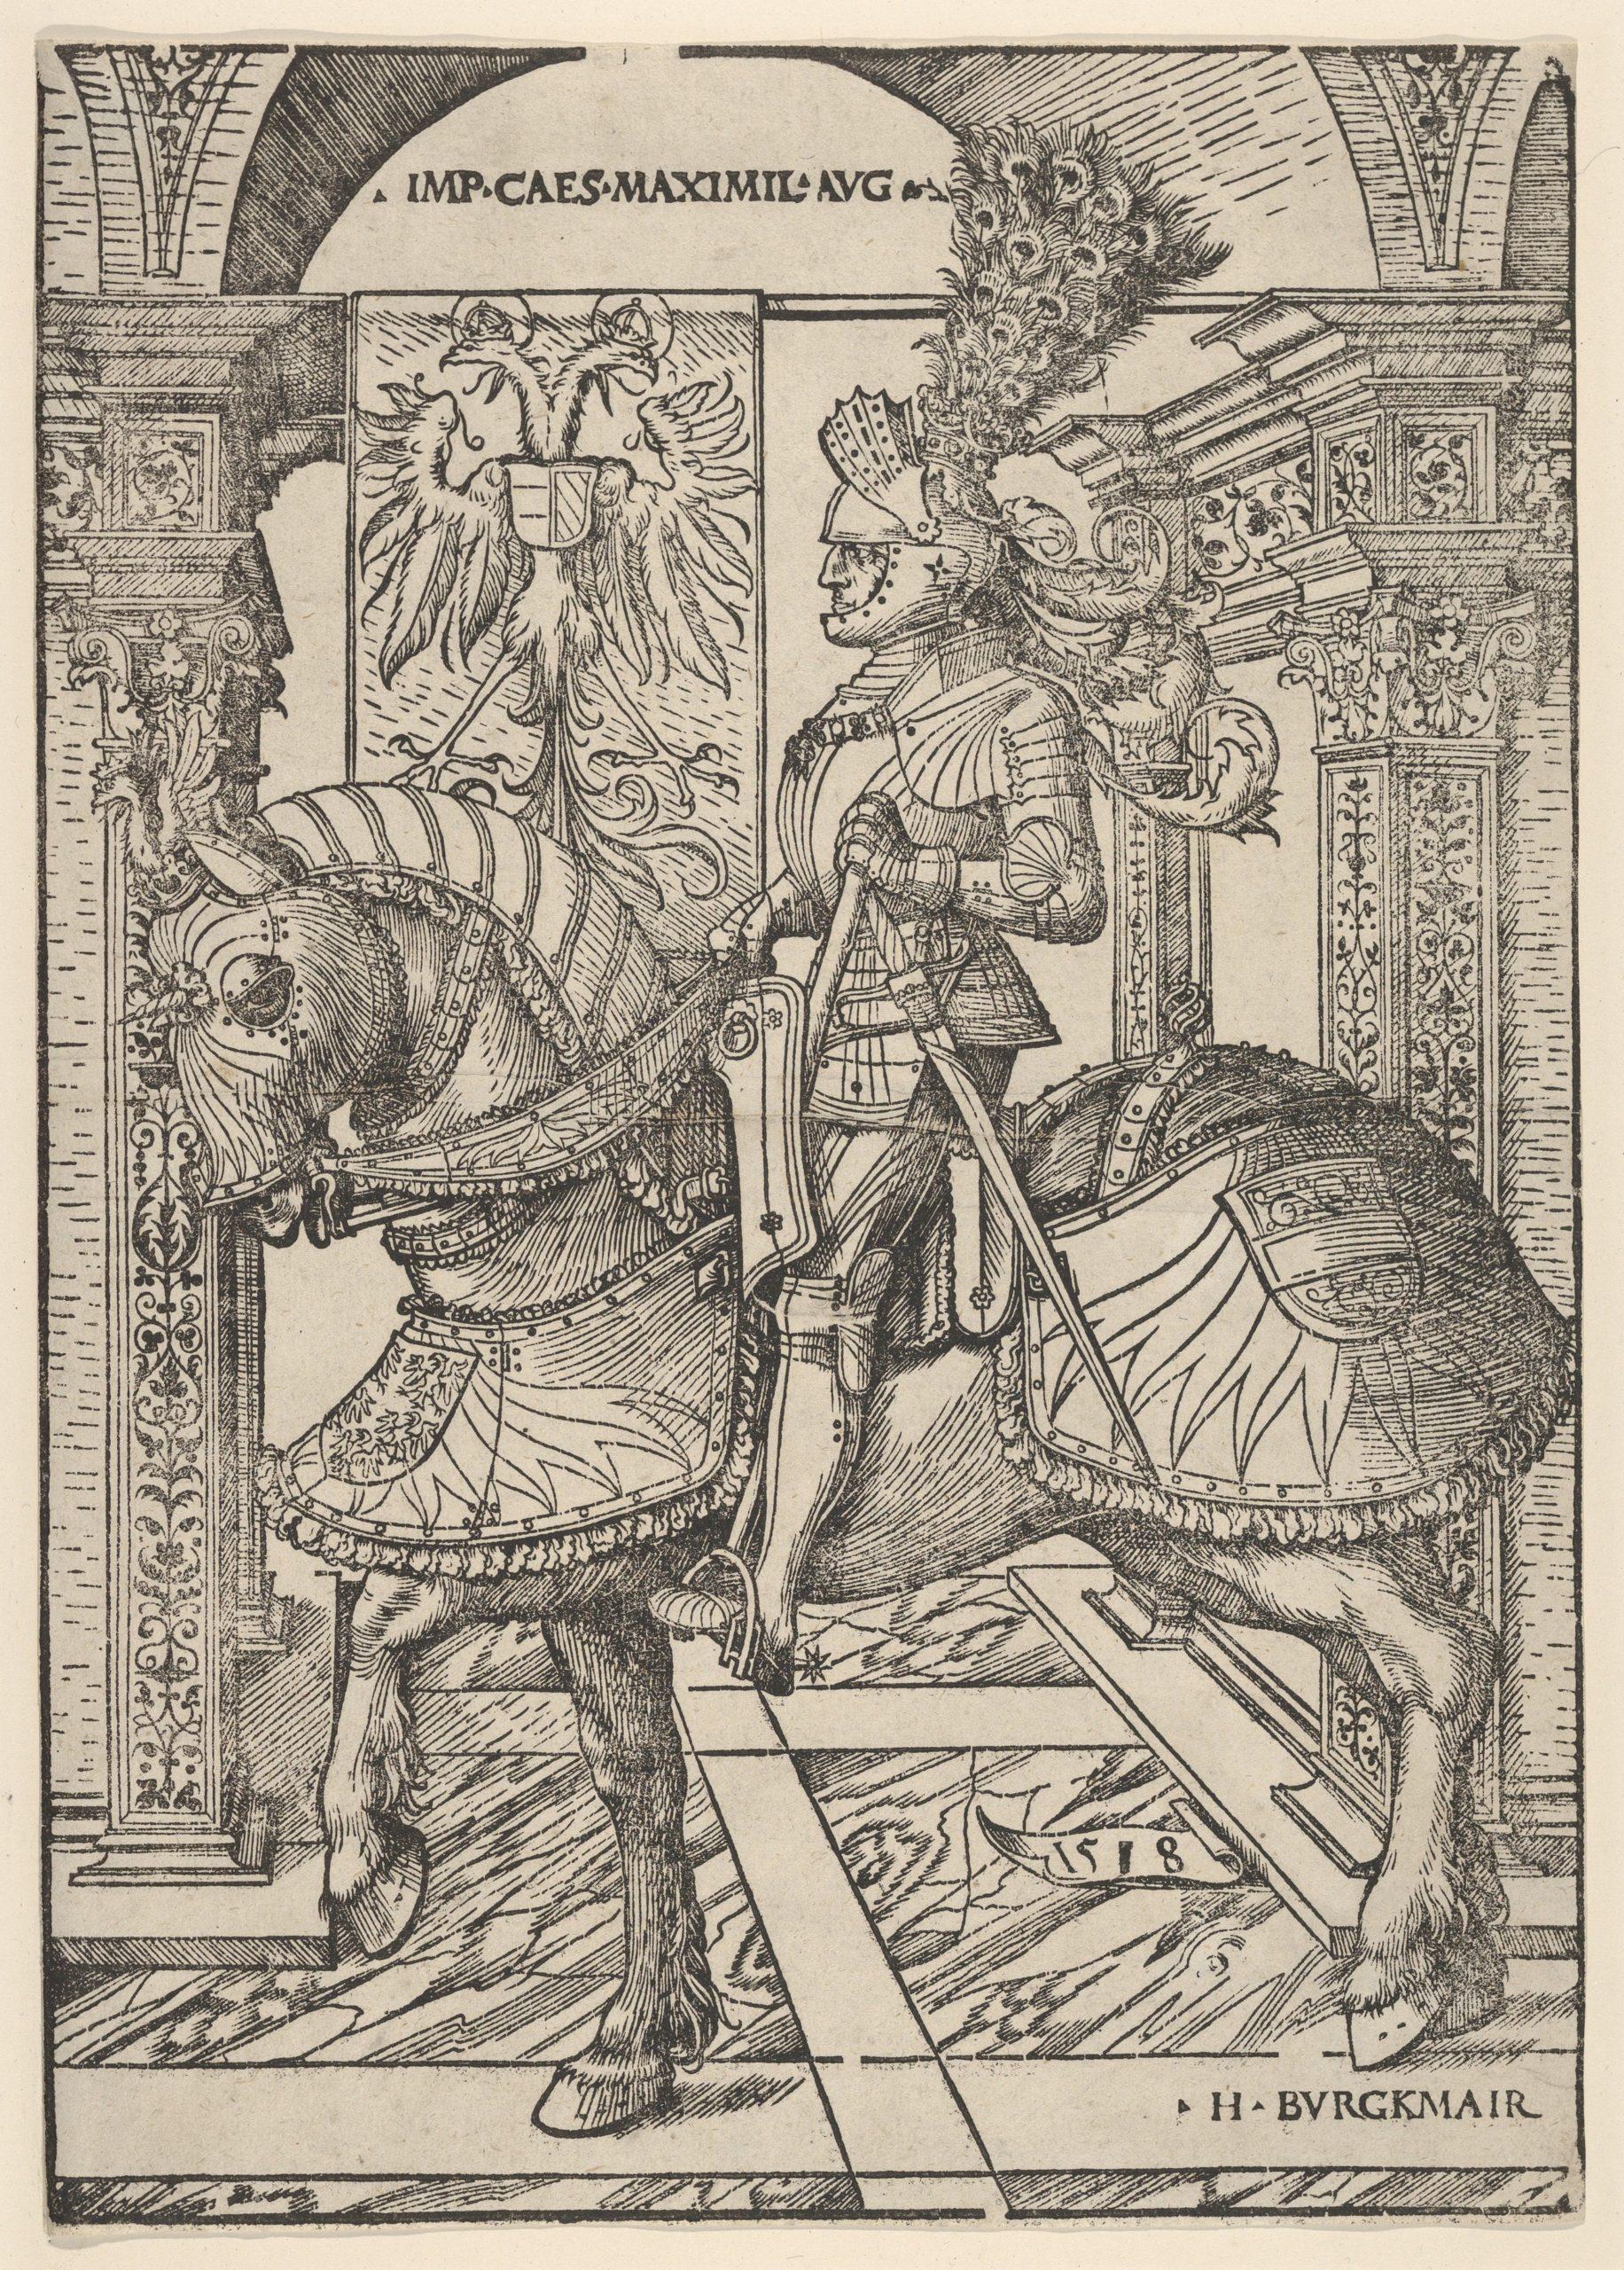 Emperor Maximilian I on Horseback, 1508-18, Hans Burgkmair, Vienna, Holy Roman Empire